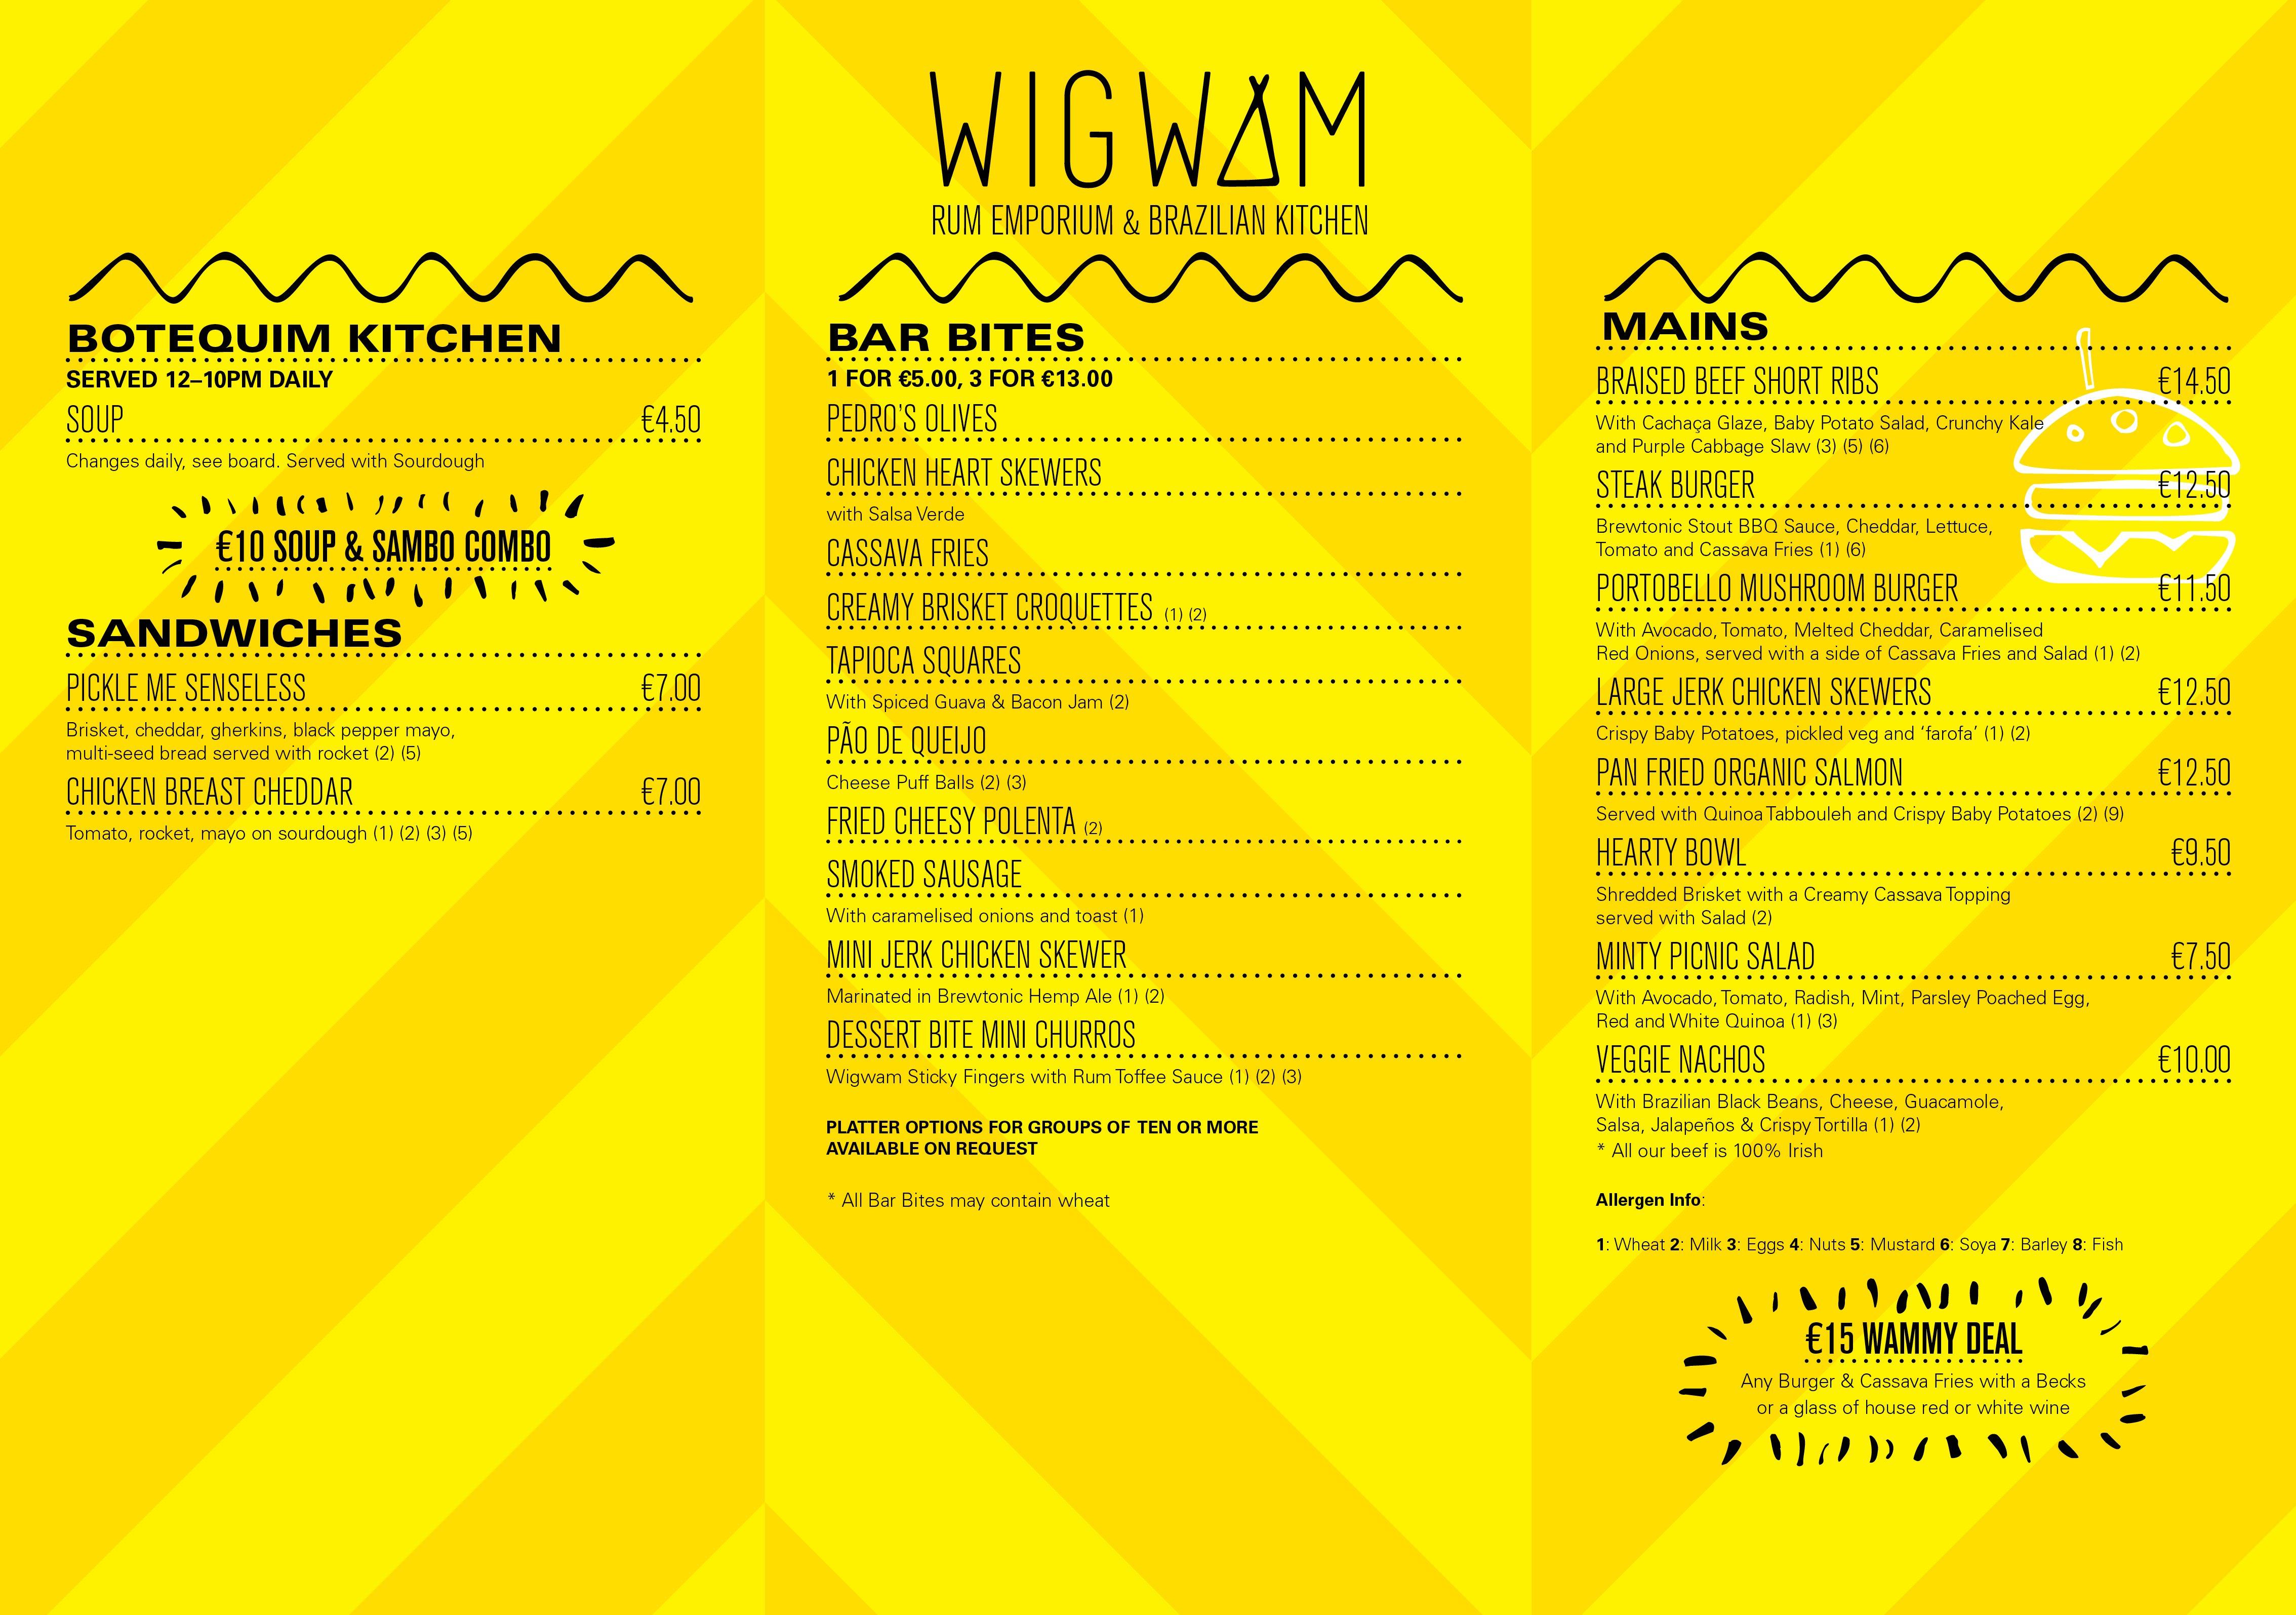 Wigwam Menu February 2017